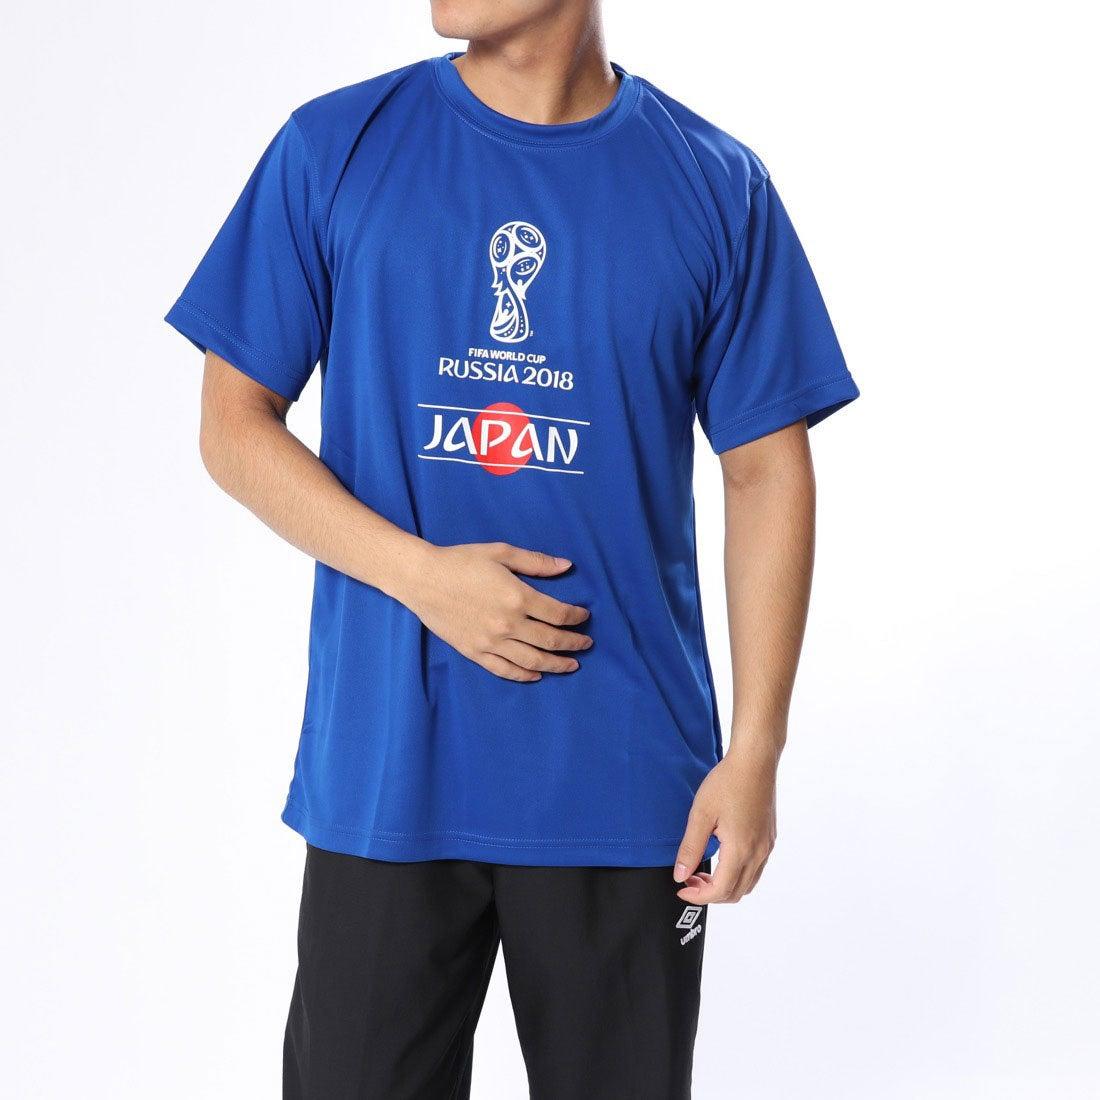 ロコンド 靴とファッションの通販サイトスポーツデポ SPORTS DEPO メンズ サッカー/フットサル ライセンスシャツ Tシャツ(出場国) 日本 82001